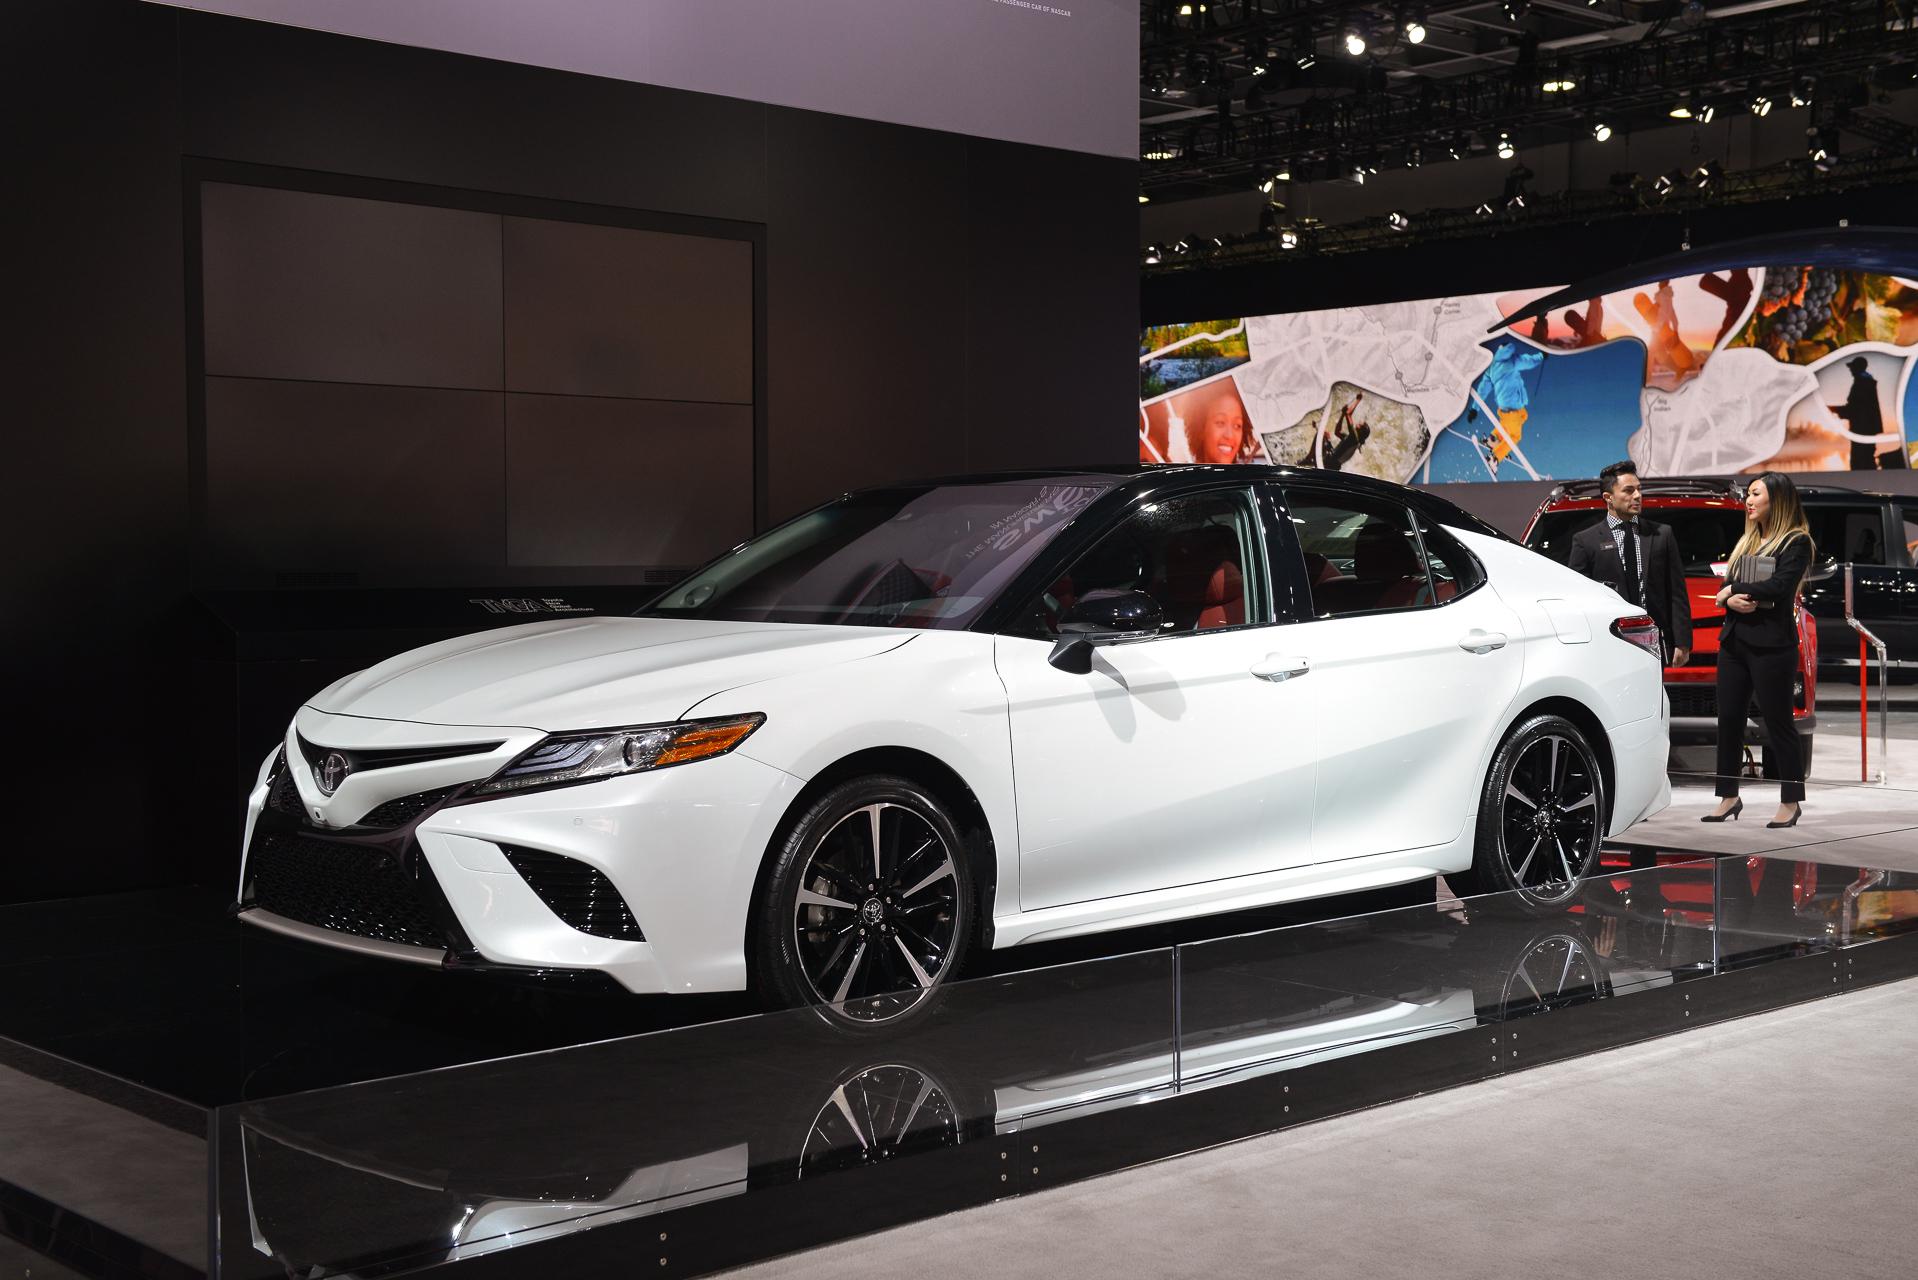 Toyota adds 543 000 Lexus Scion Toyota vehicles to Takata recall